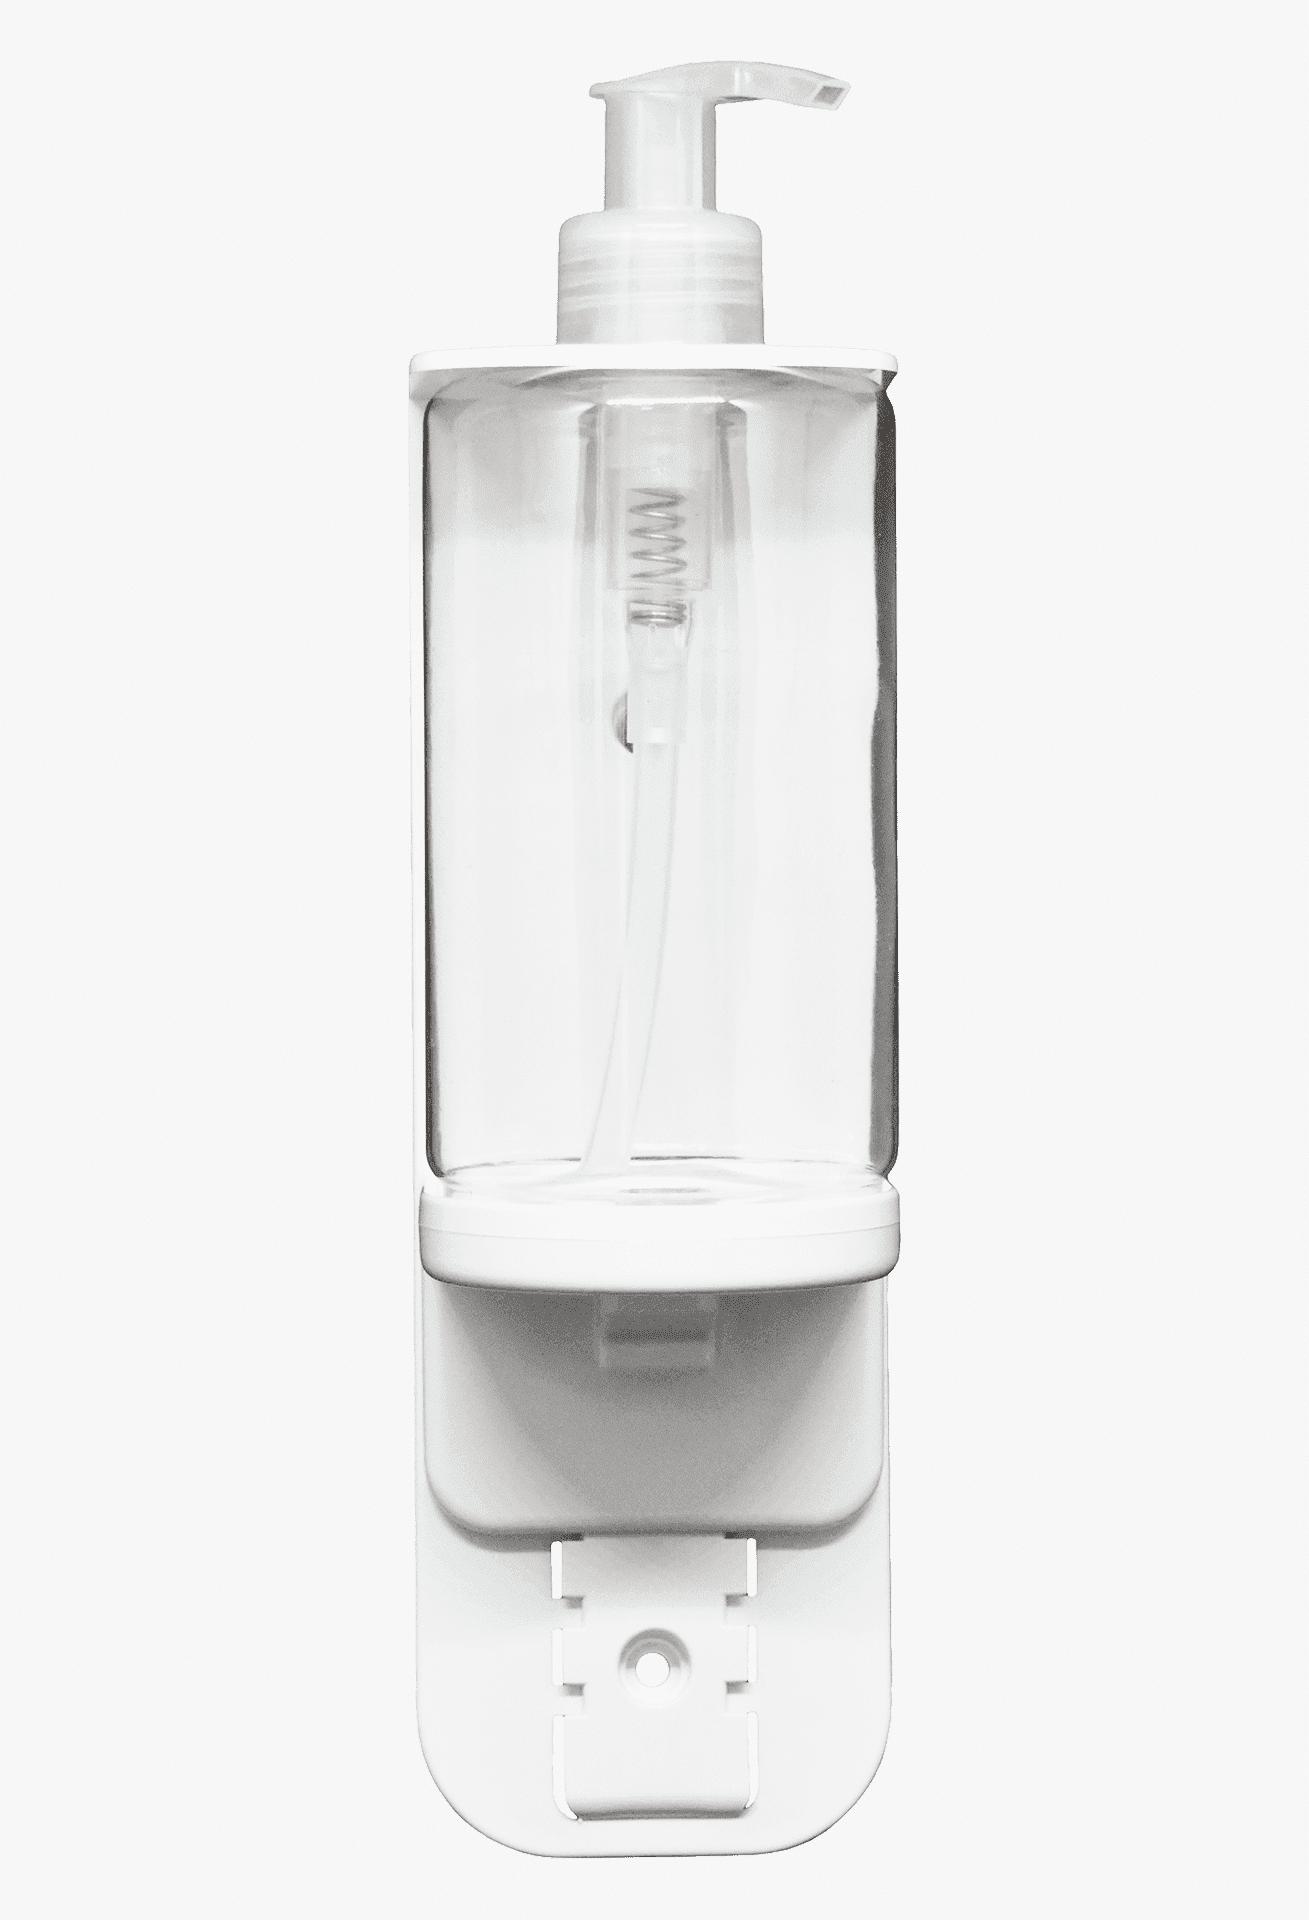 Диспенсер універсальний, 300мл (білий)